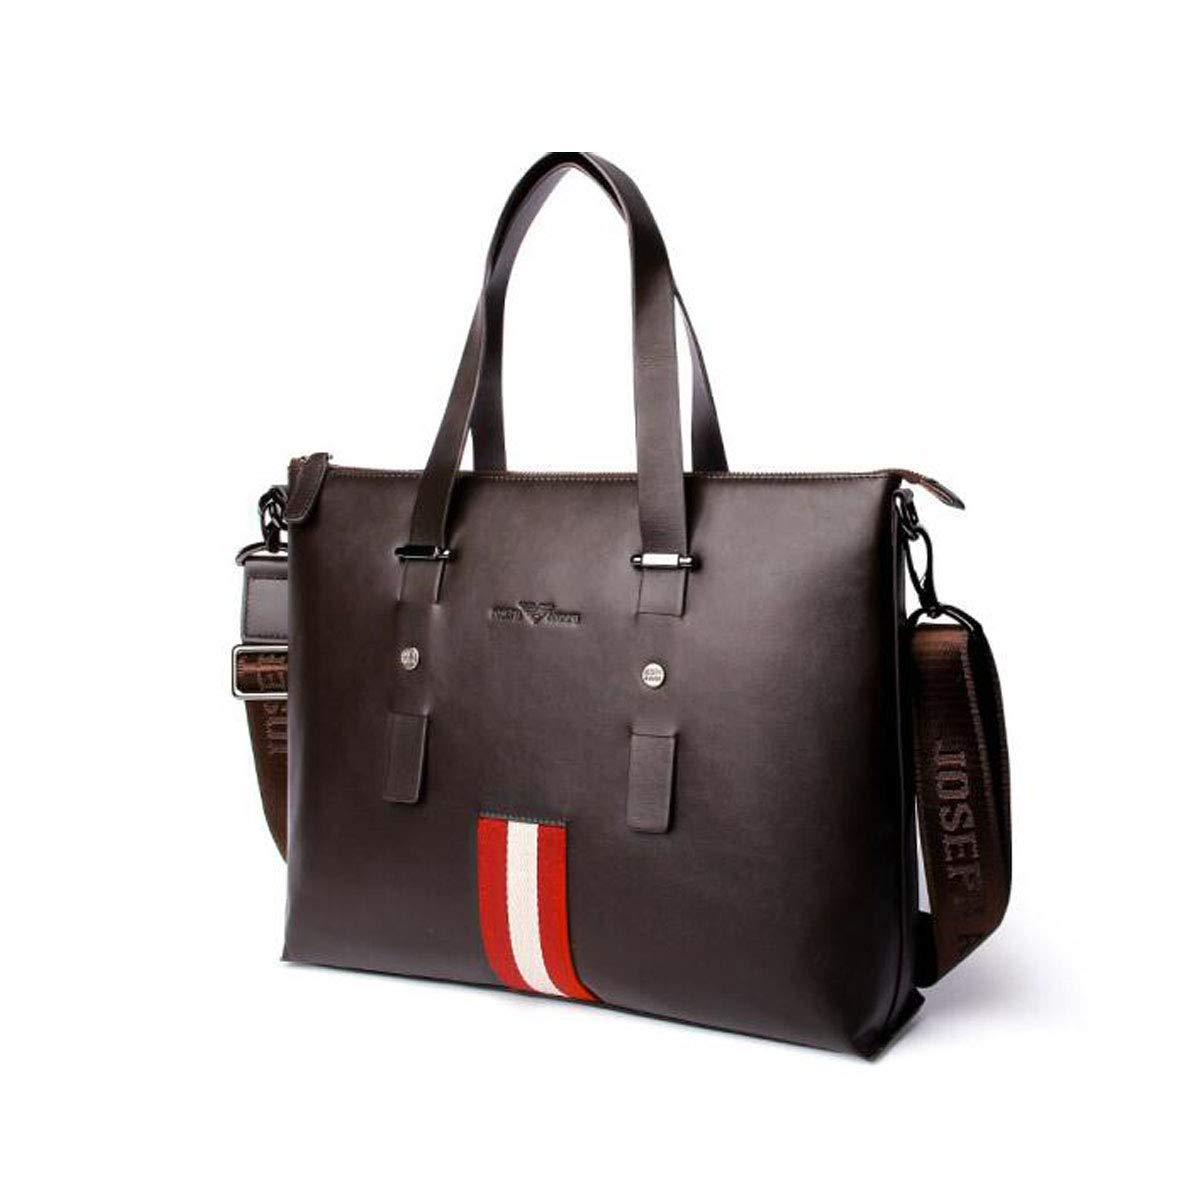 ブリーフケース、ビジネスメンズコンピュータバッグ、ファッションビジネスメンズハンドバッグ、カジュアルワイルドメッセンジャーバッグ、ダークブラウンサイズ:36 * 9 * 29 cm  ダークブラウン B07R44CT1N